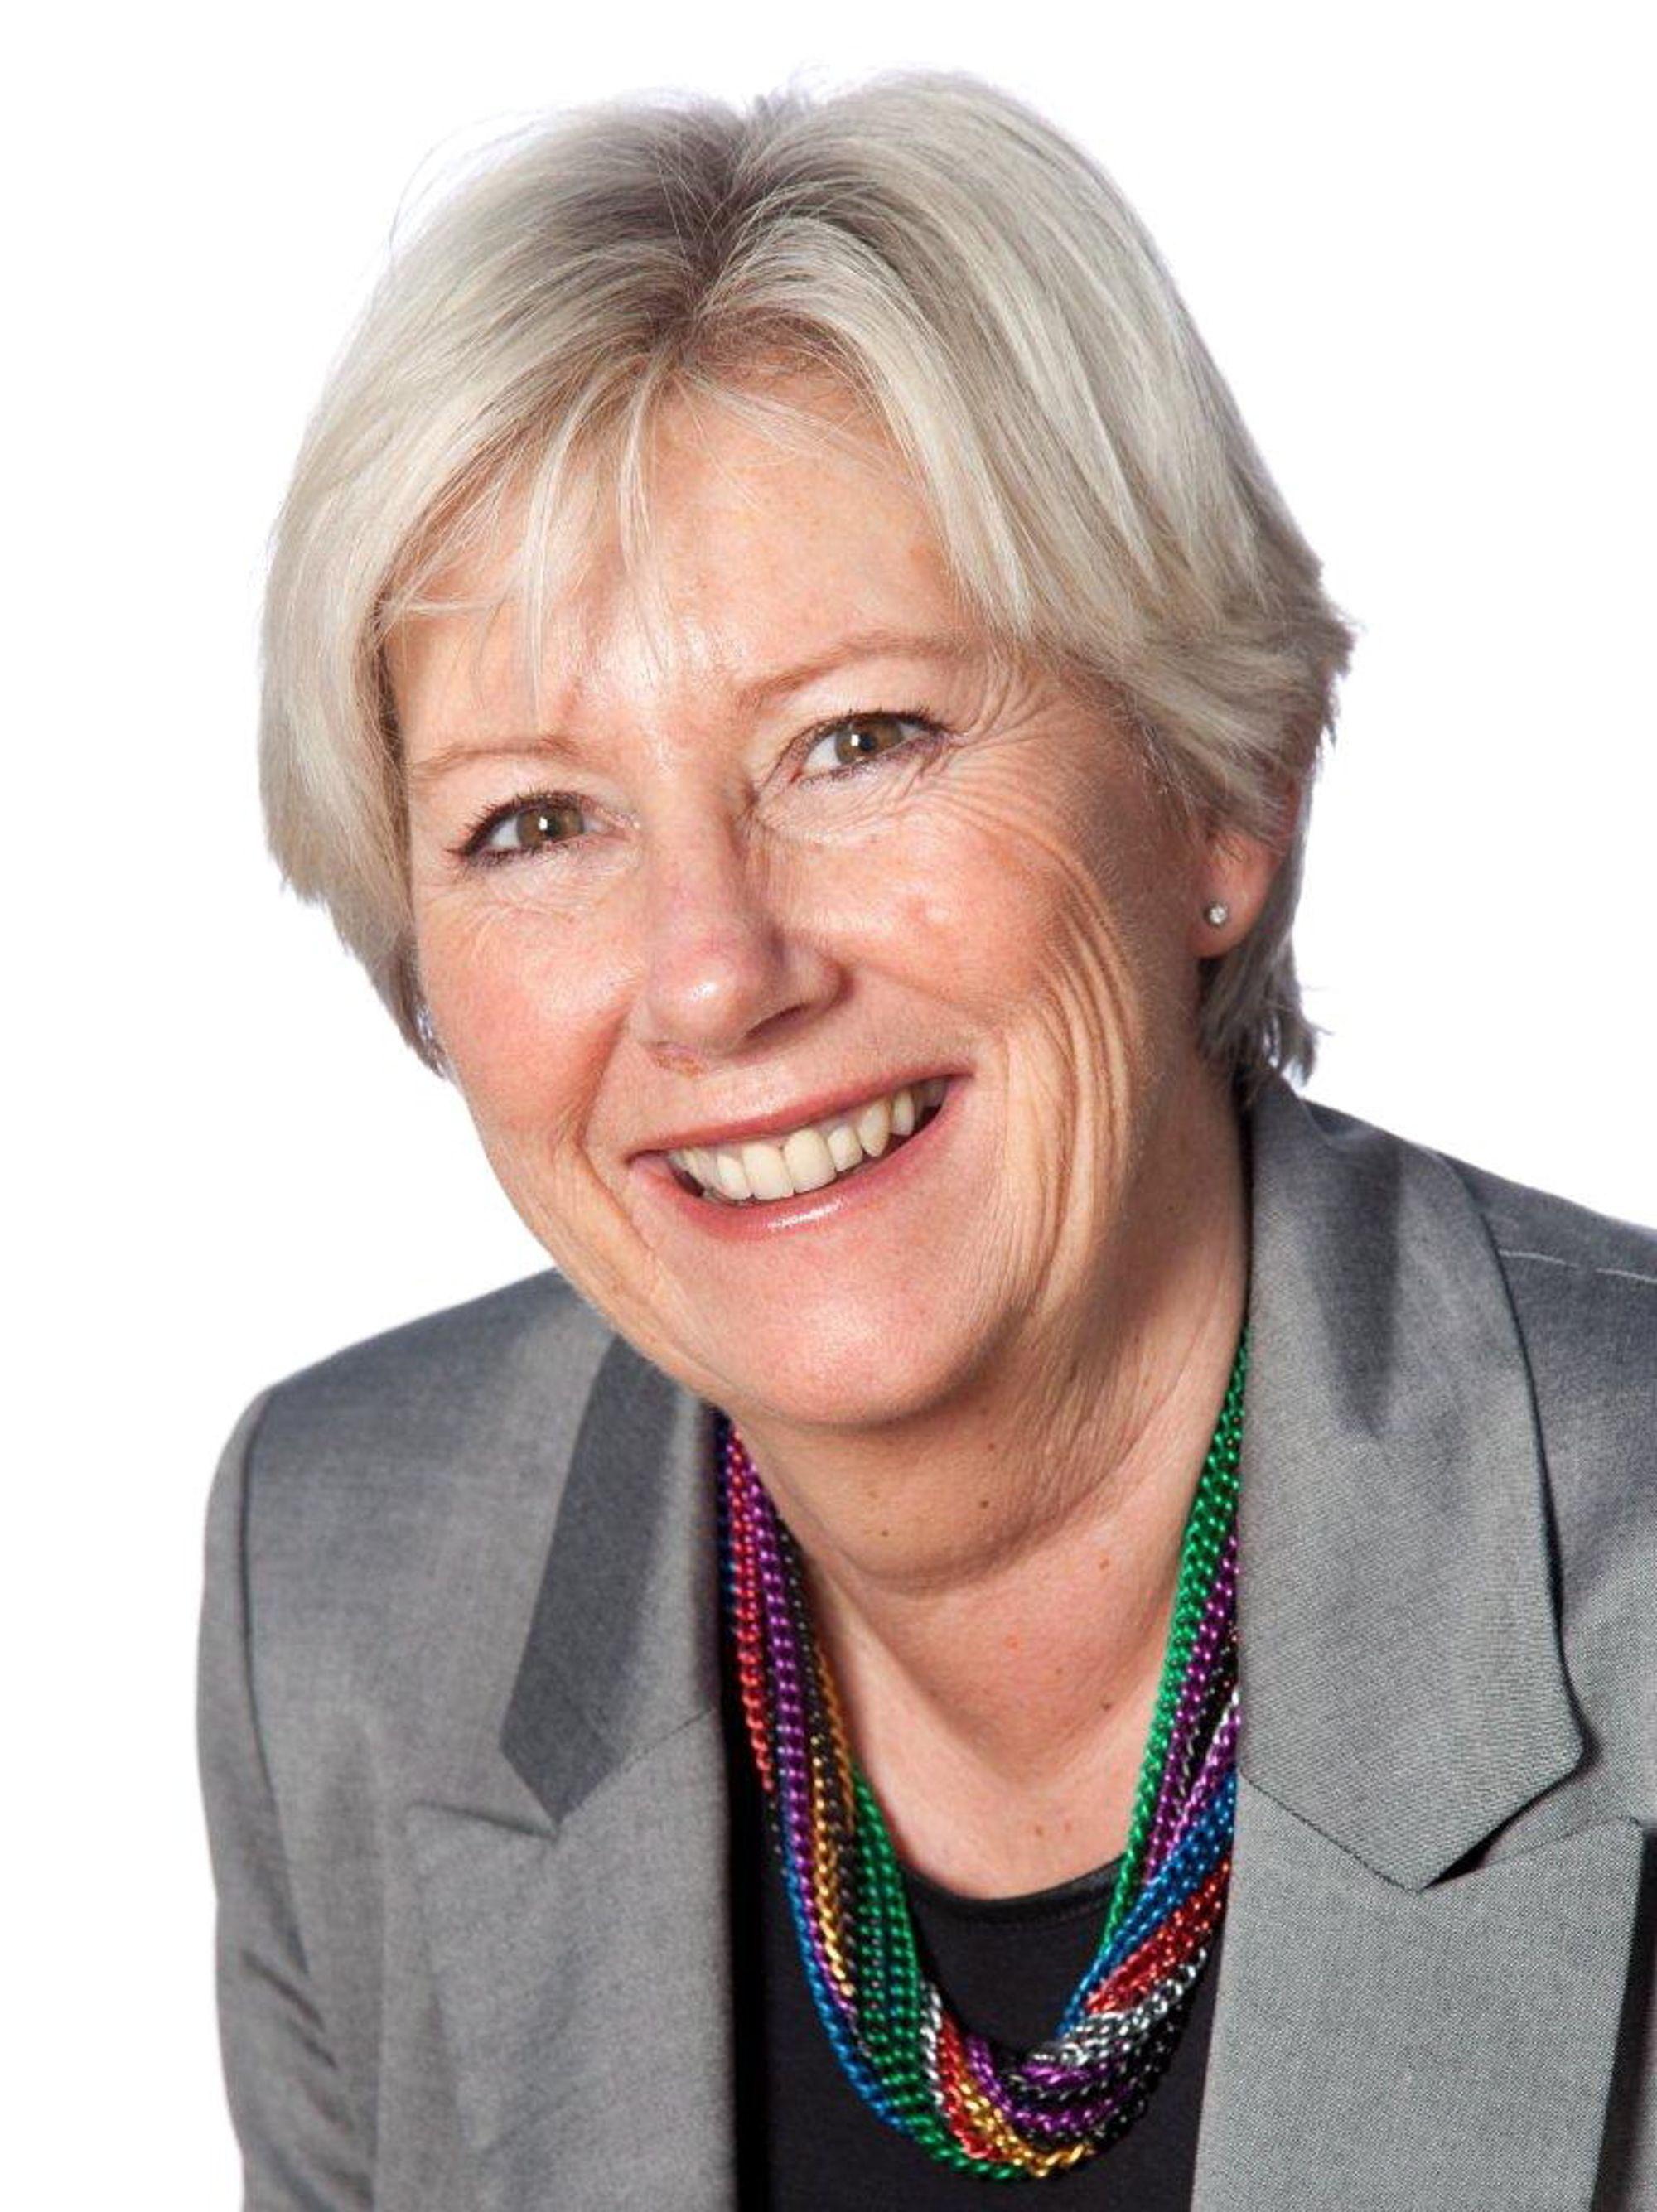 Prosjektleder Elisabeth Schulze inviterer innovative leverandører til Mat & Emballasje i februar 2014.